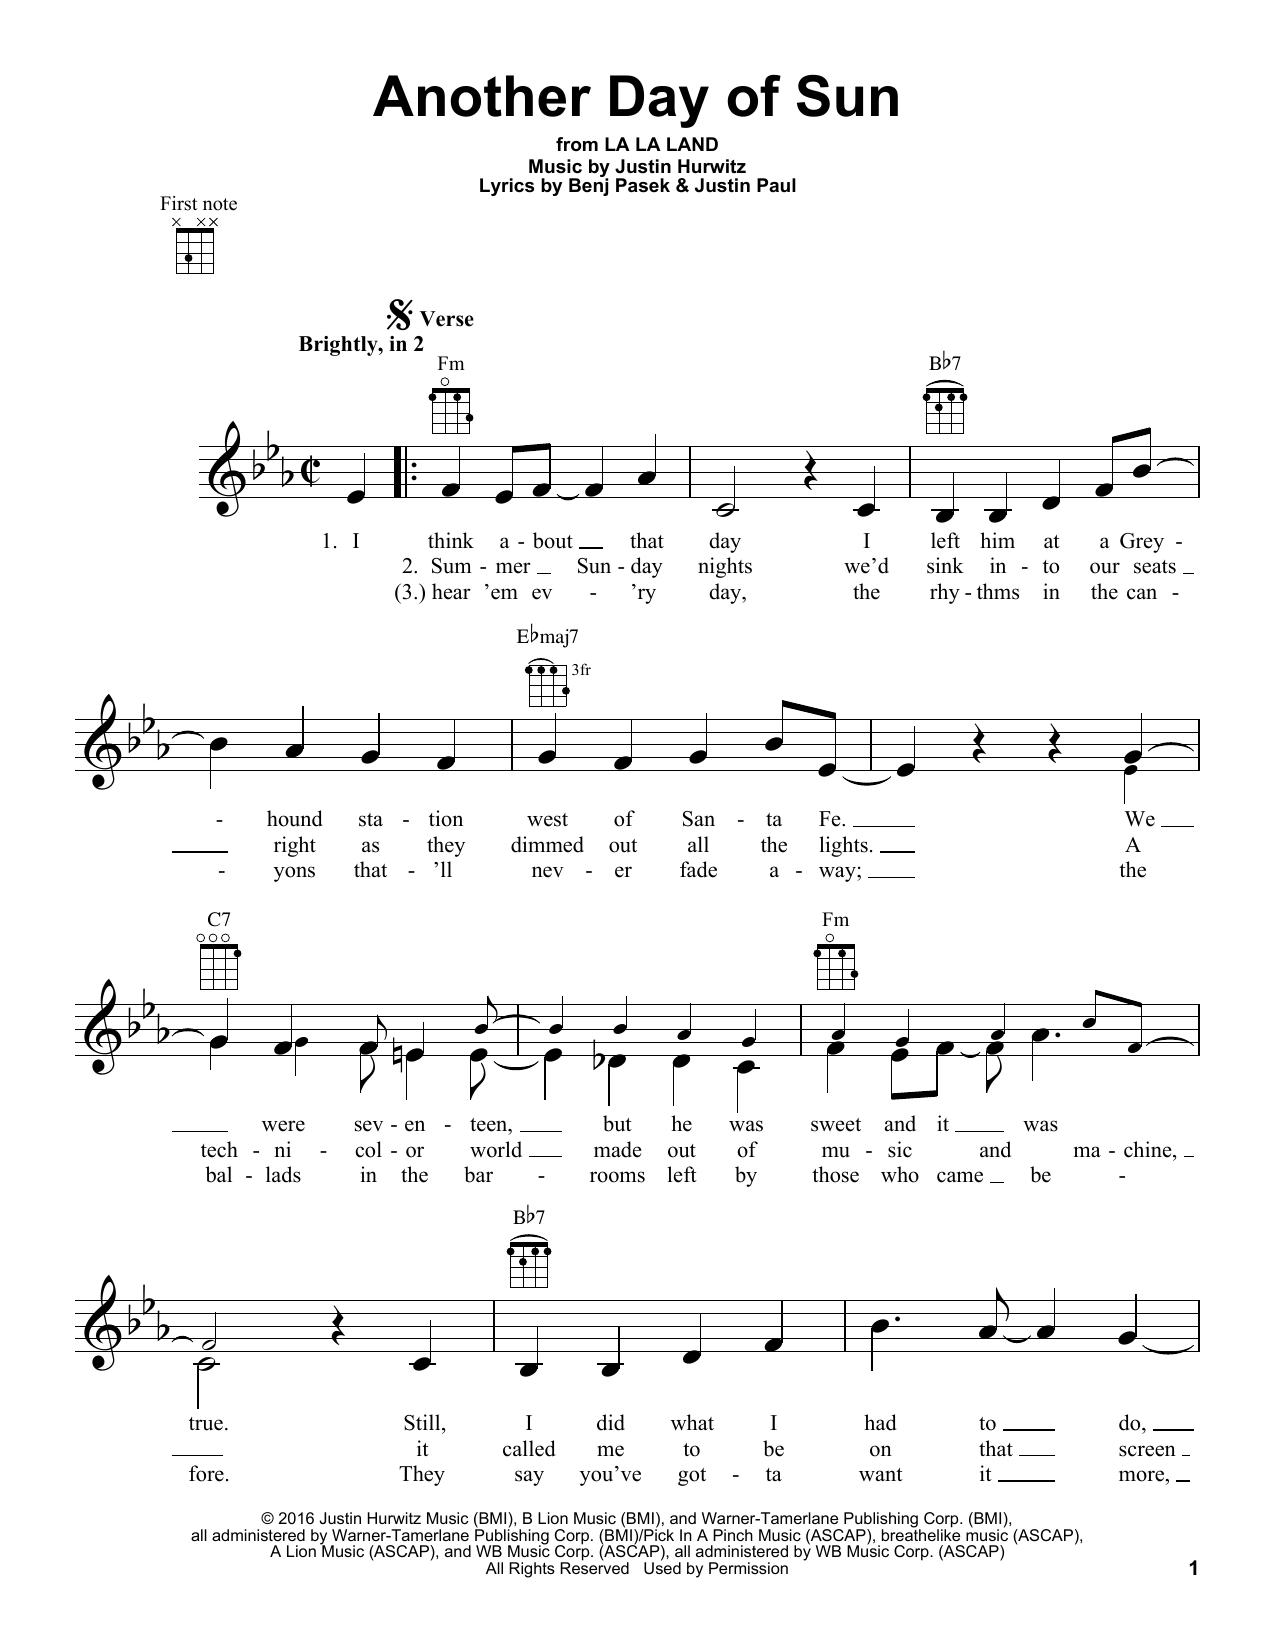 La La Land Cast Another Day Of Sun From La La Land Sheet Music Notes Chords Sheet Music Sheet Music Notes Music Notes